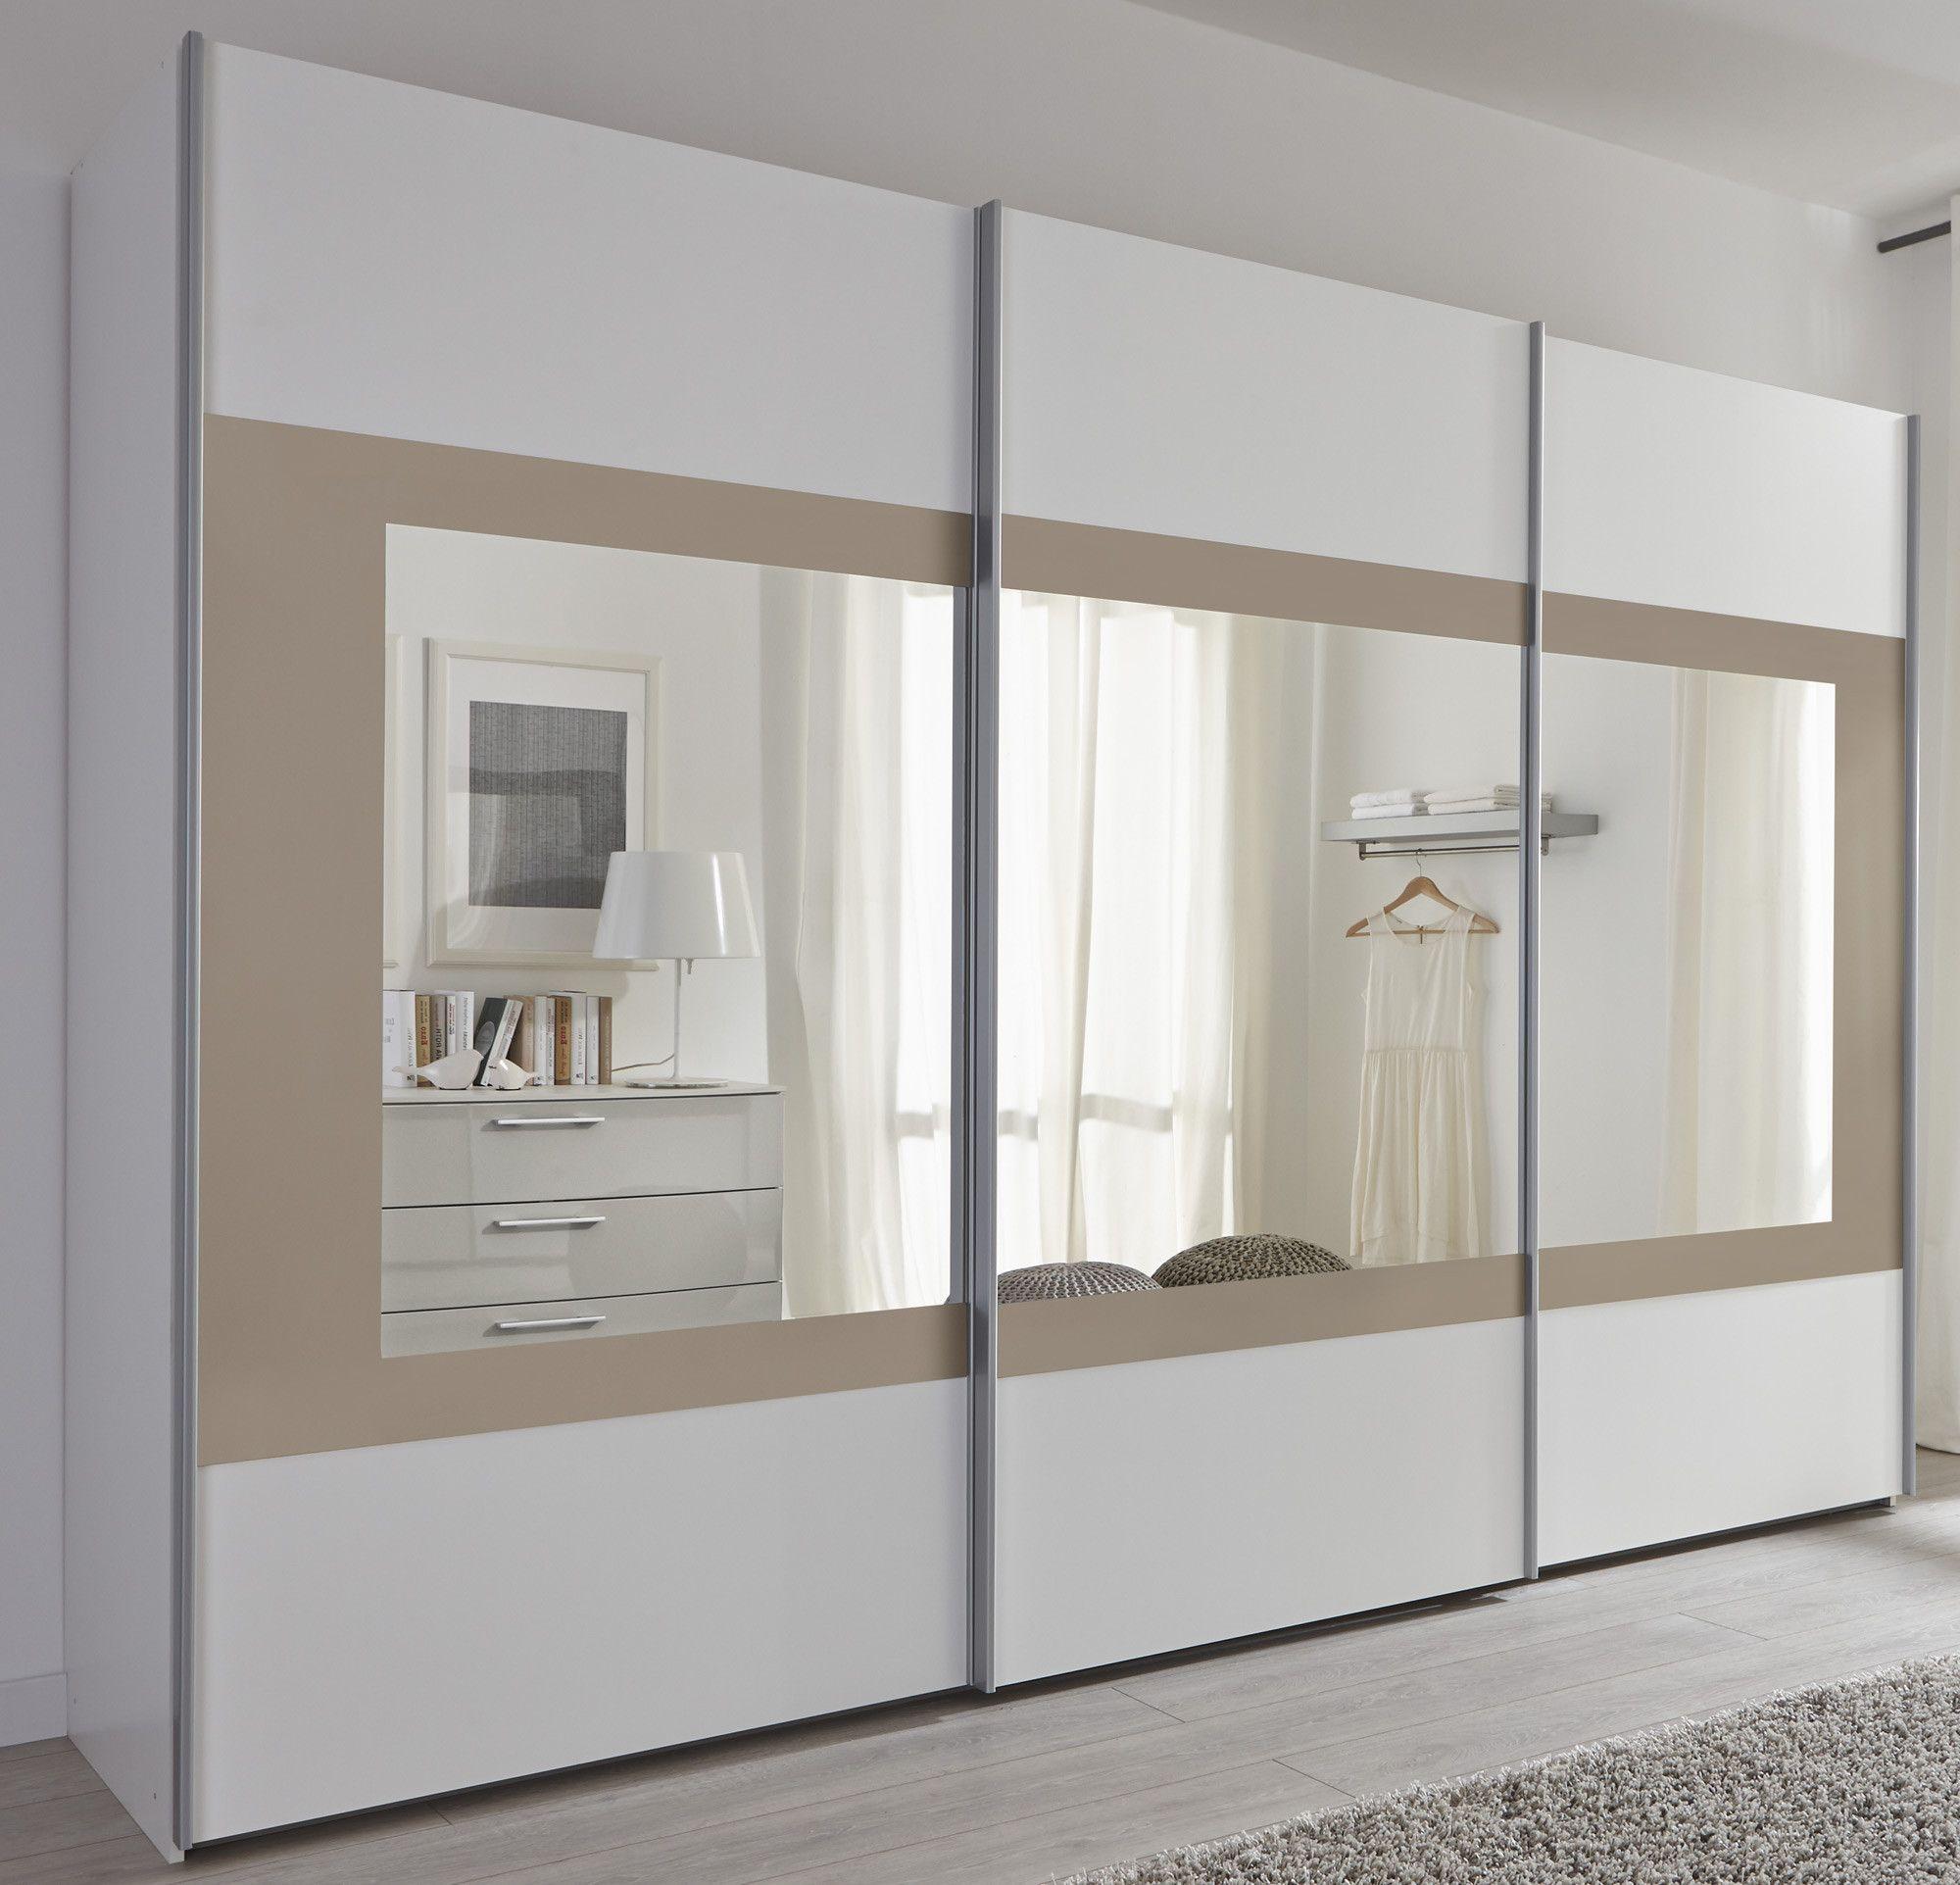 Schlafzimmerschrank 3m Lovely Schlafzimmerschrank 3m Neue Fotos 3m